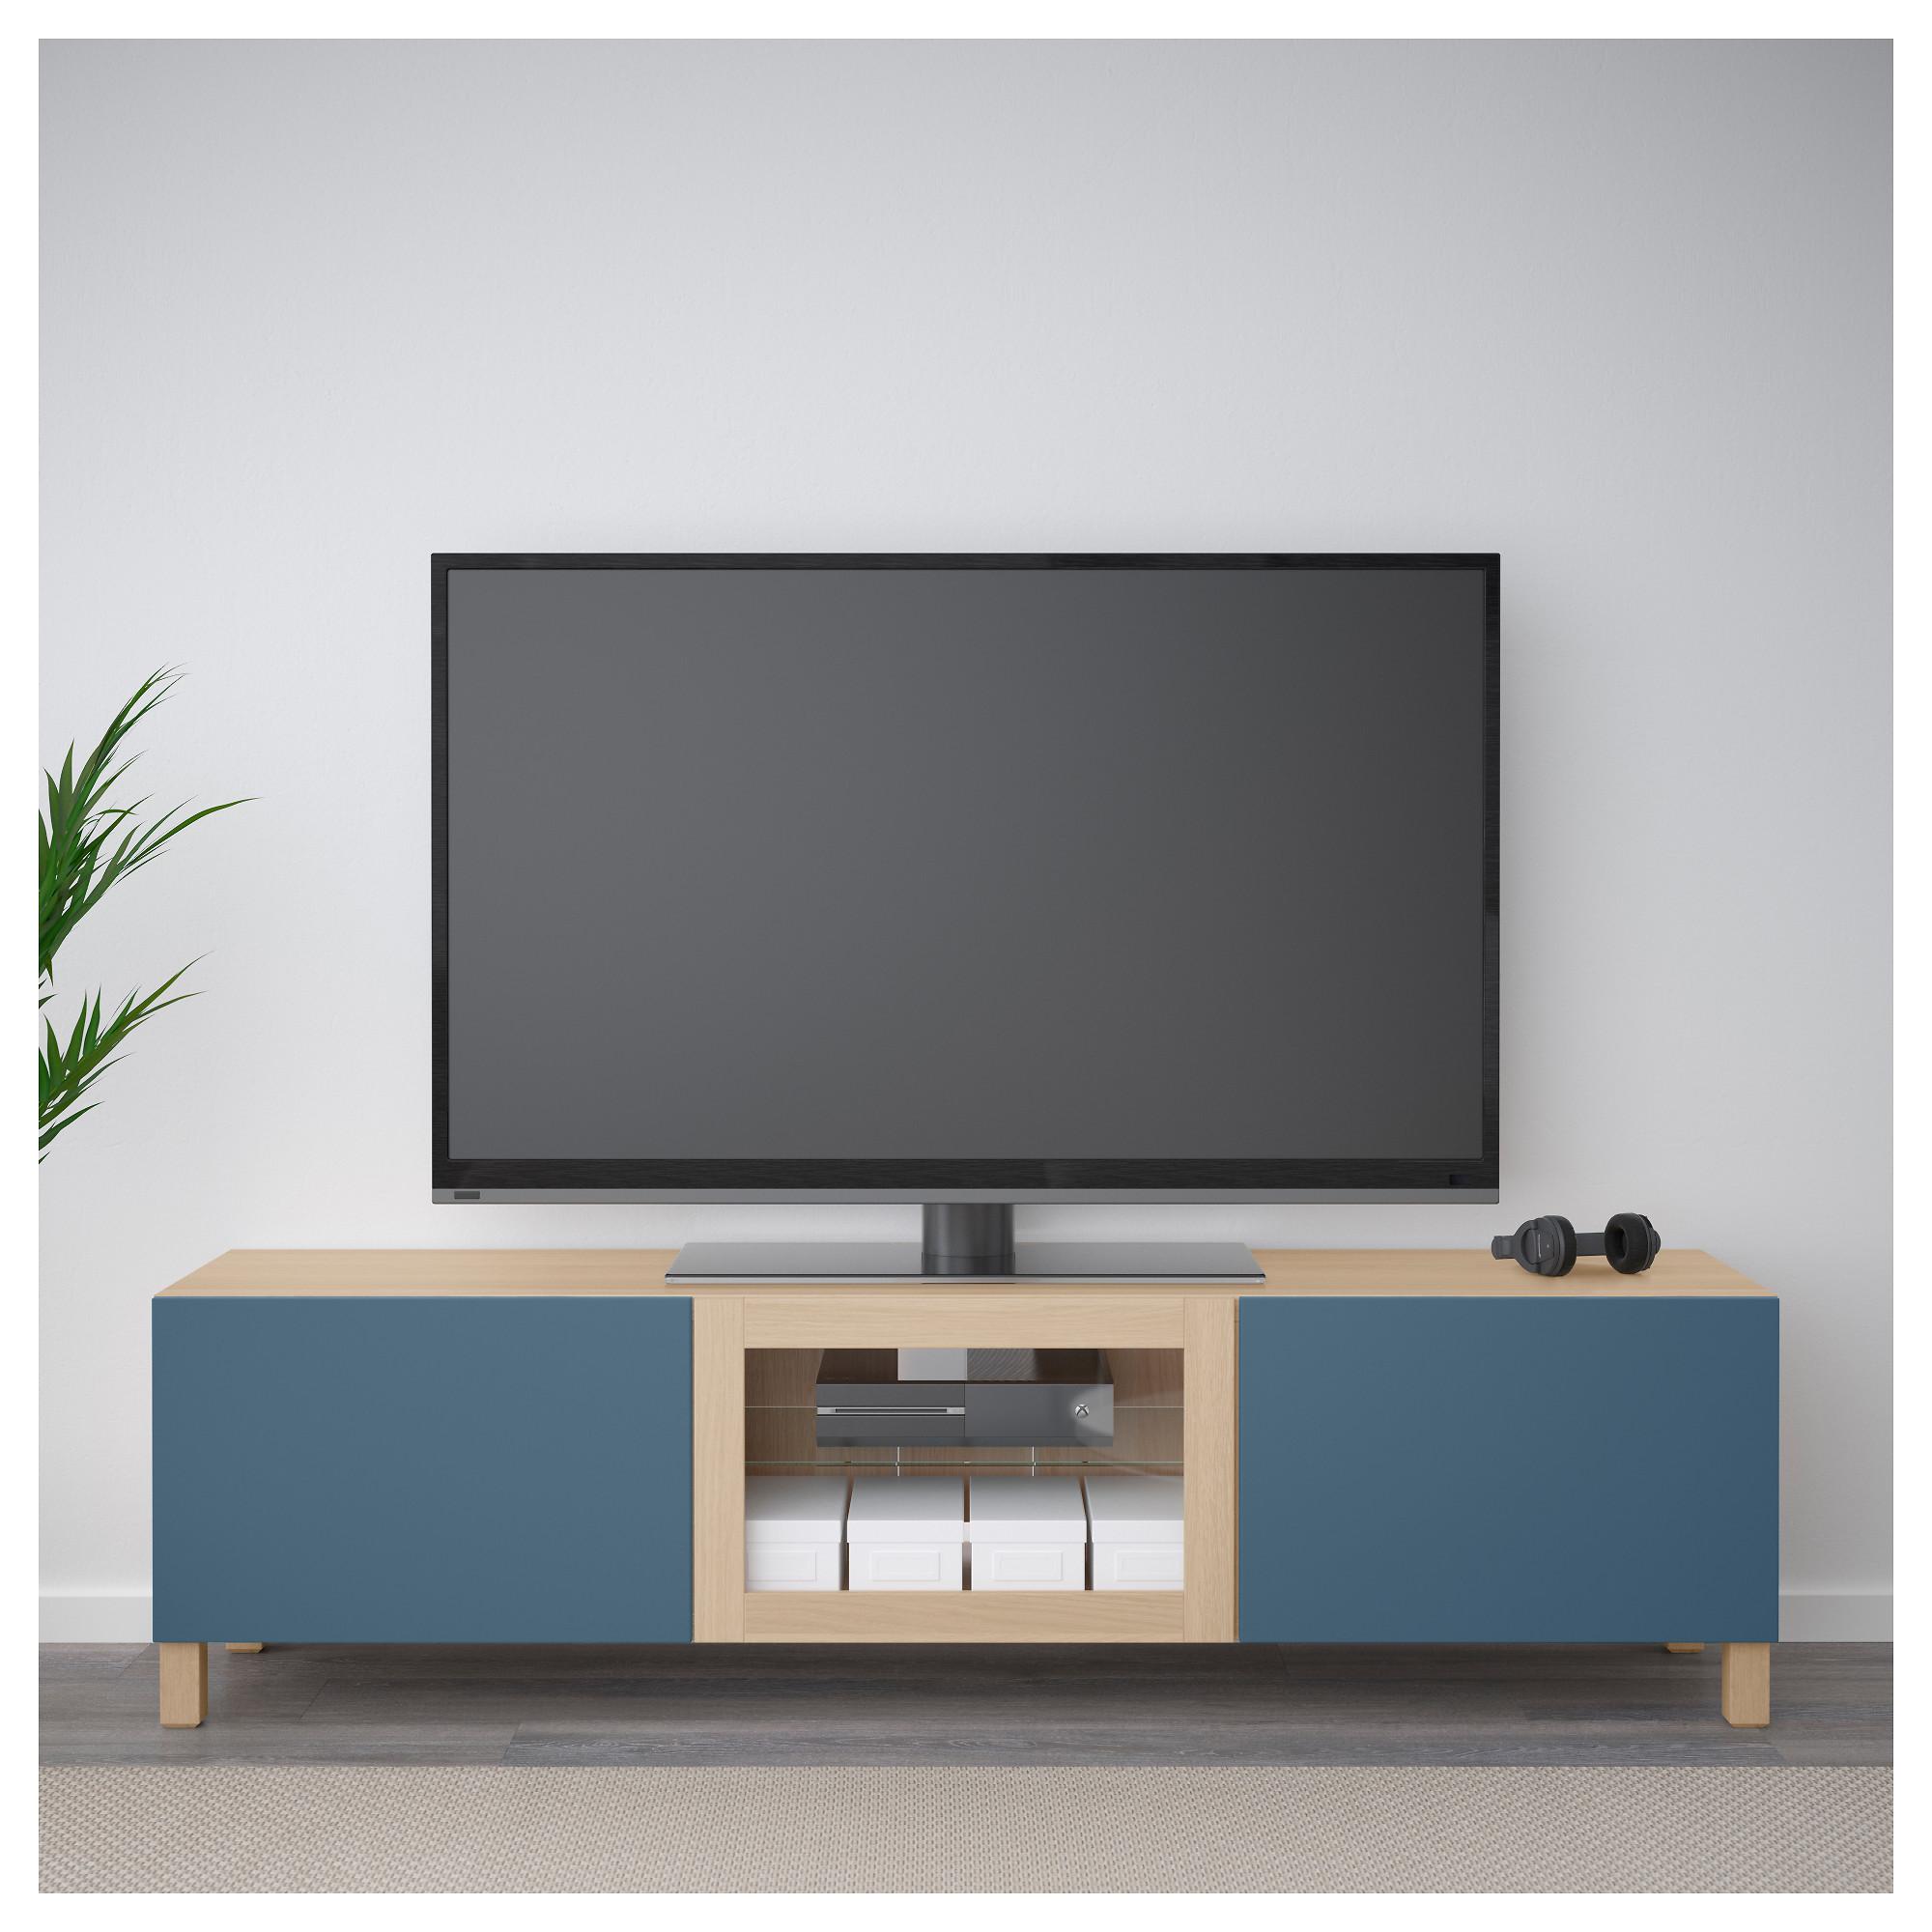 Тумба под ТВ с ящиками и дверцей БЕСТО темно-синий артикуль № 292.506.87 в наличии. Интернет каталог IKEA Минск. Недорогая доставка и установка.